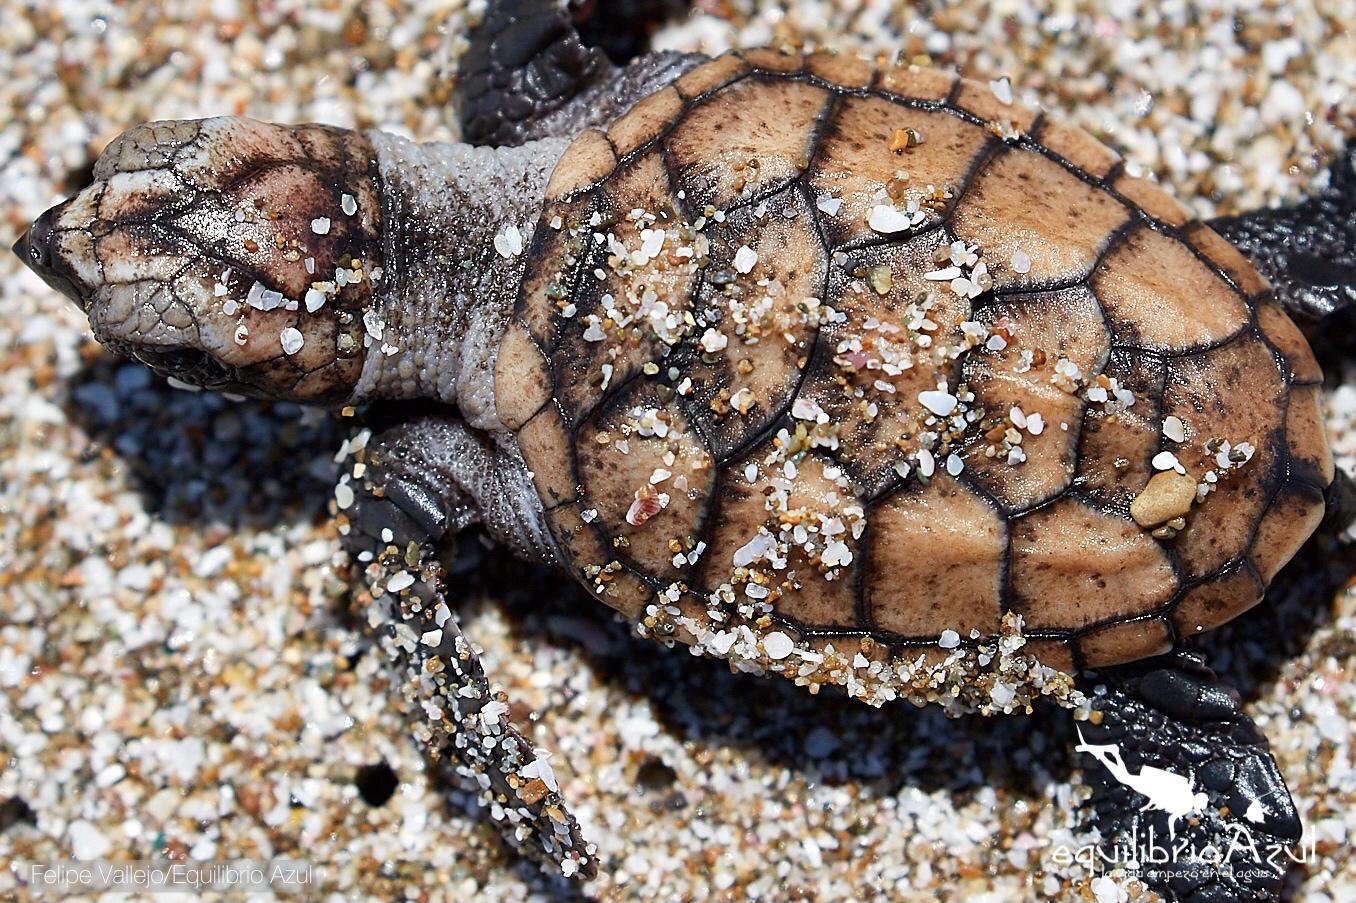 Tortugas nacen en el parque Machalilla. Foto: Felipe Vallejo - Equilibrio Azul.